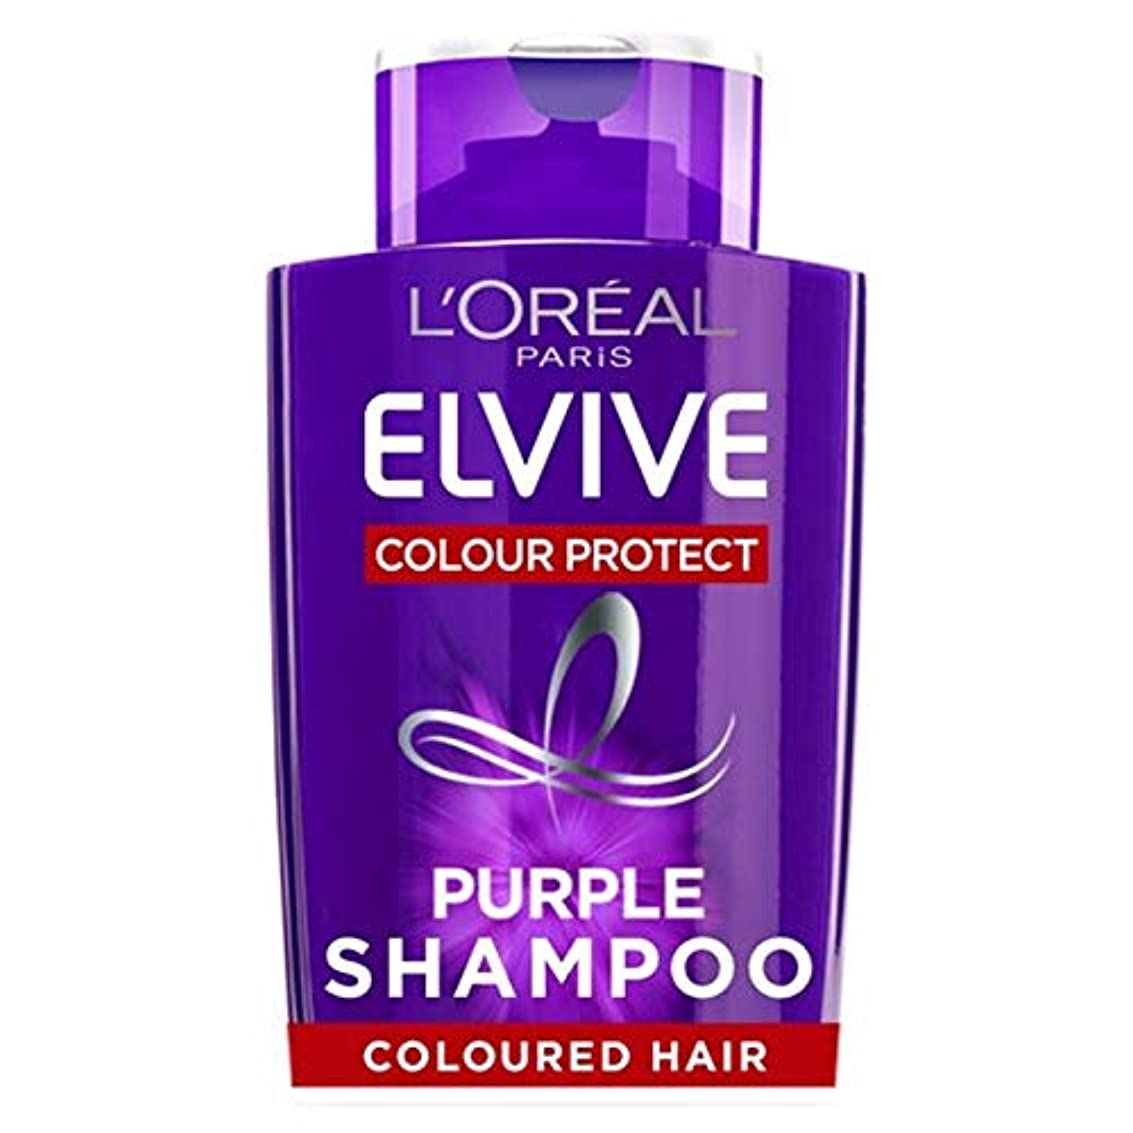 アルネにぎやかデッキ[Elvive] ロレアルElvive色は紫色のシャンプー200ミリリットルを保護します - L'oreal Elvive Colour Protect Purple Shampoo 200Ml [並行輸入品]